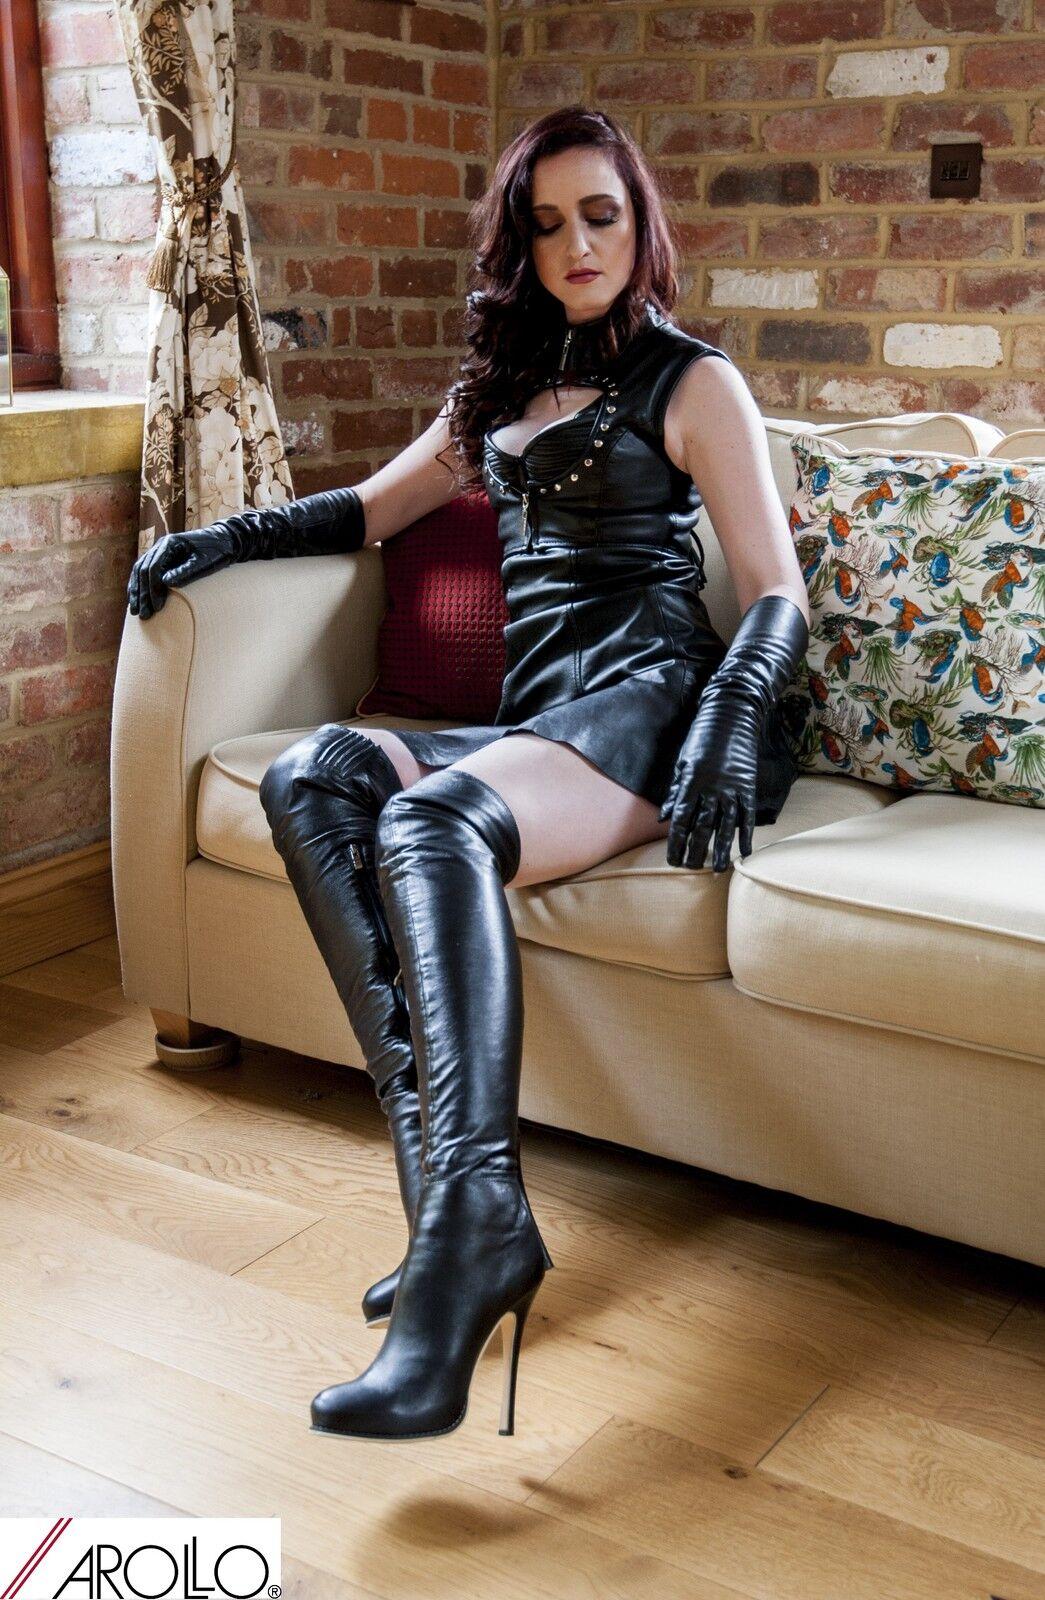 Arollo Echt Leder tacón alto botas altas Queen tamaños 37 38 40 41 42